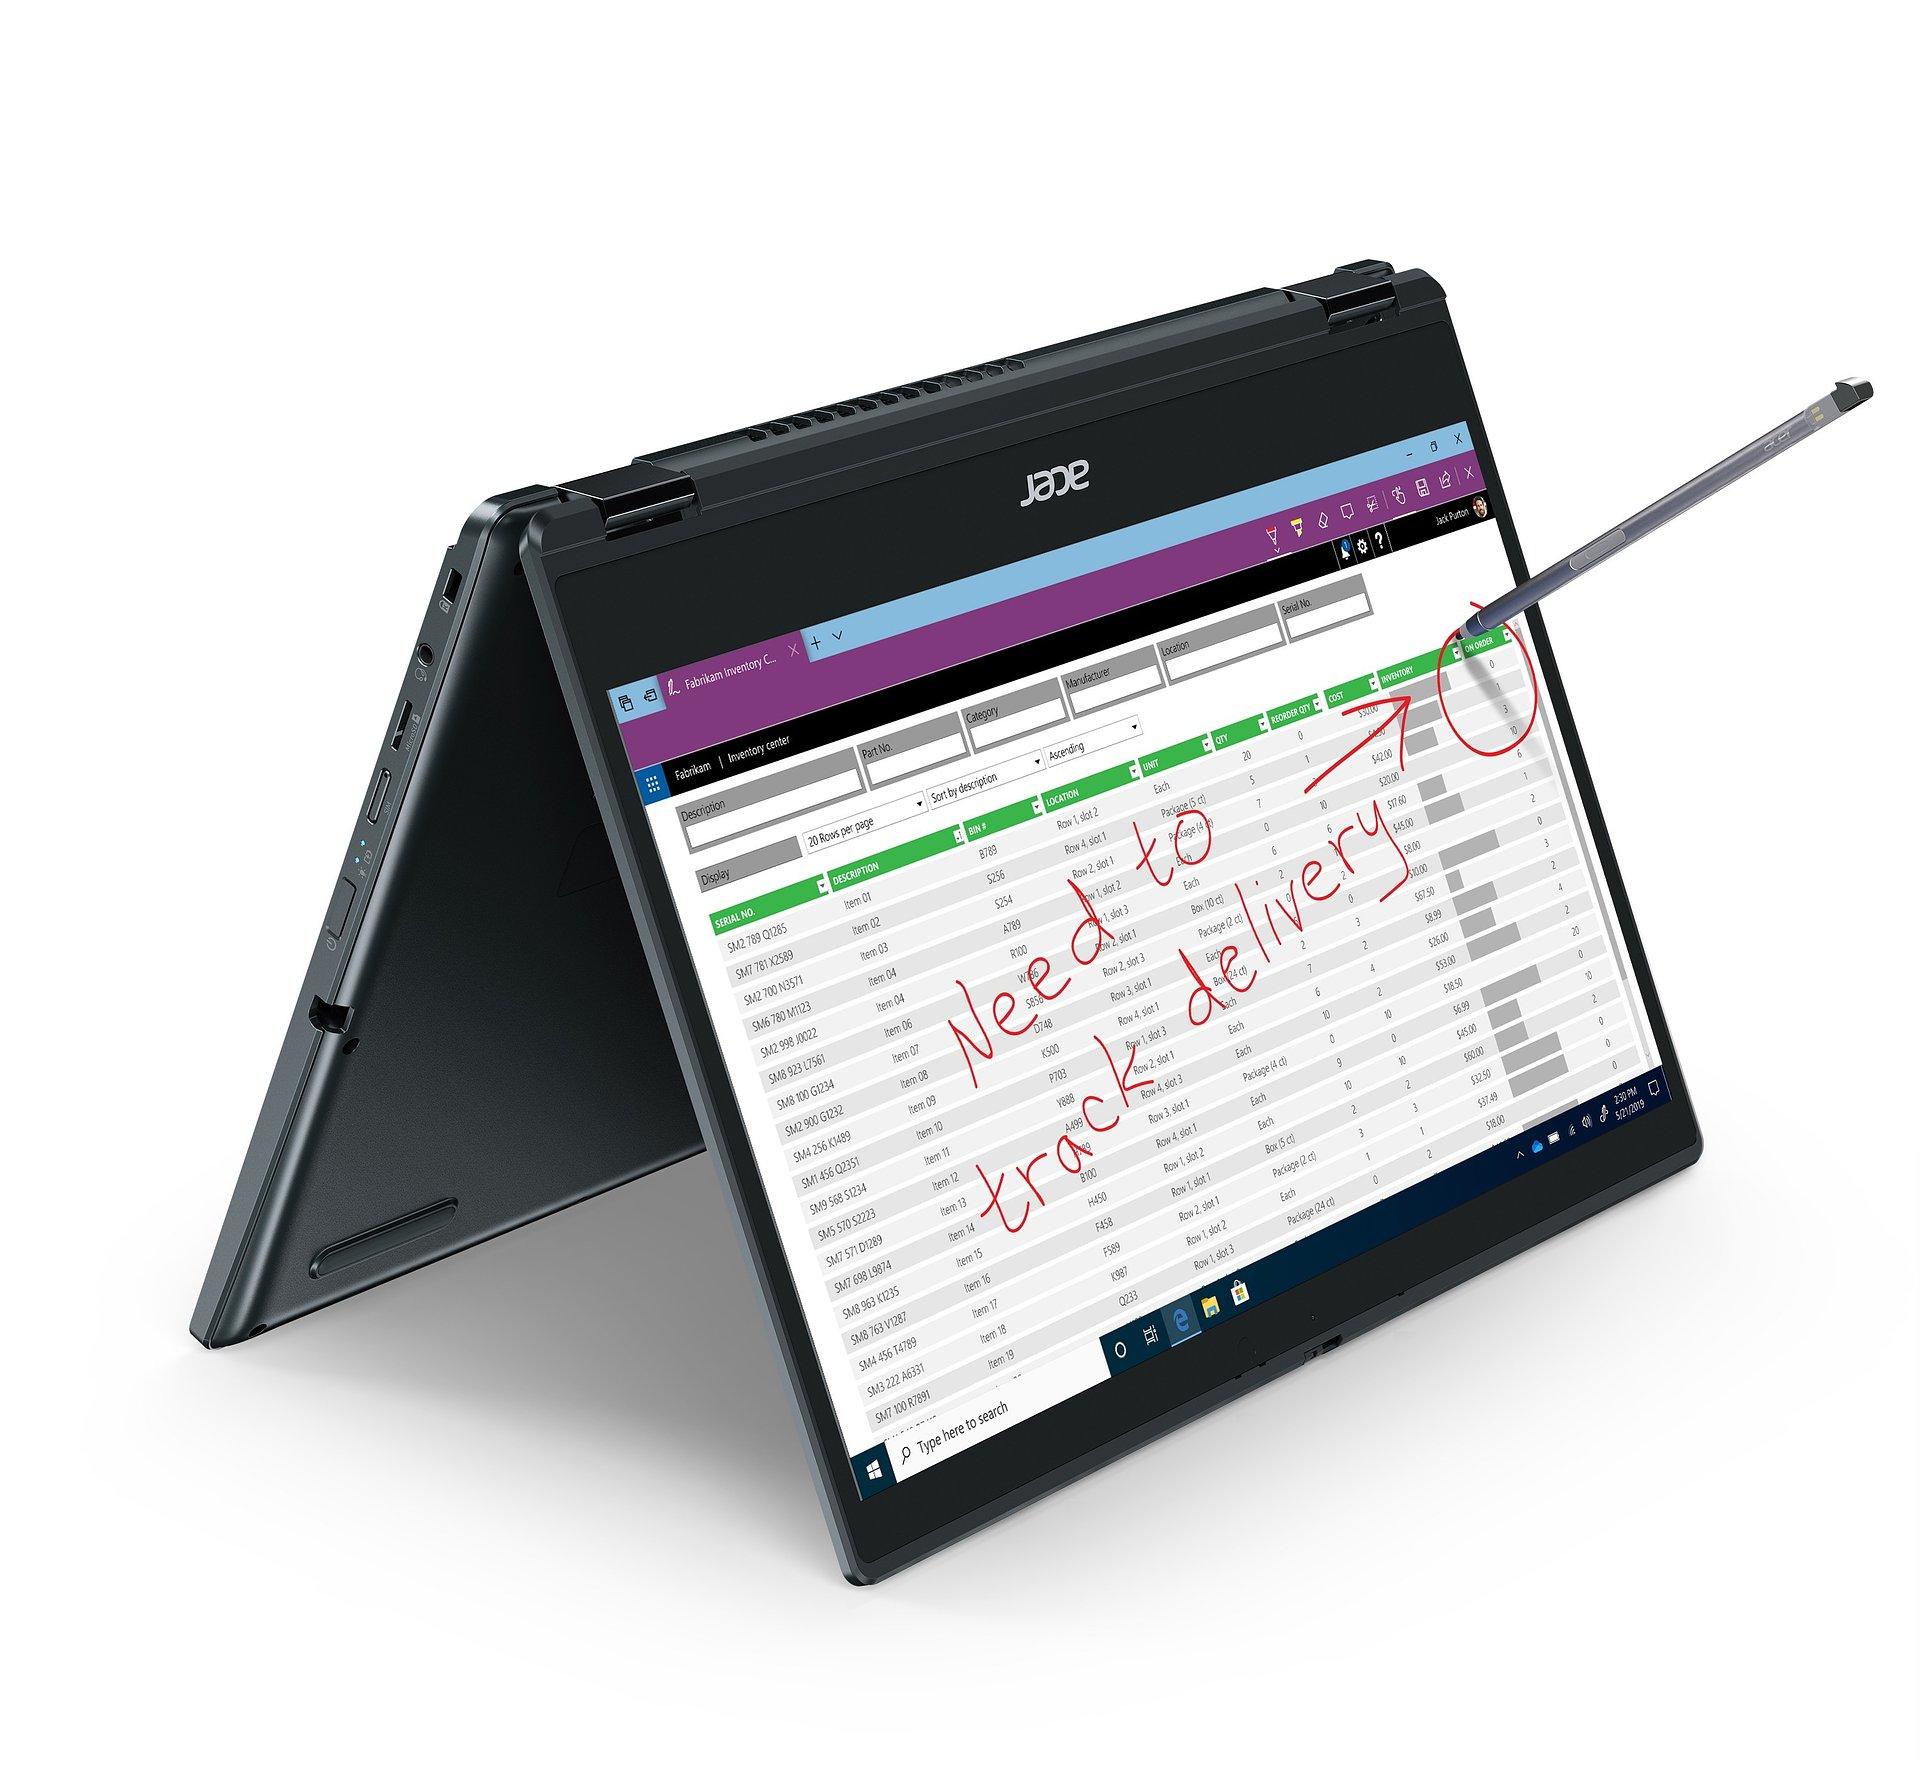 Acer prezentuje 3 nowości w postaci wytrzymałych biznesowych laptopów z serii TravelMate